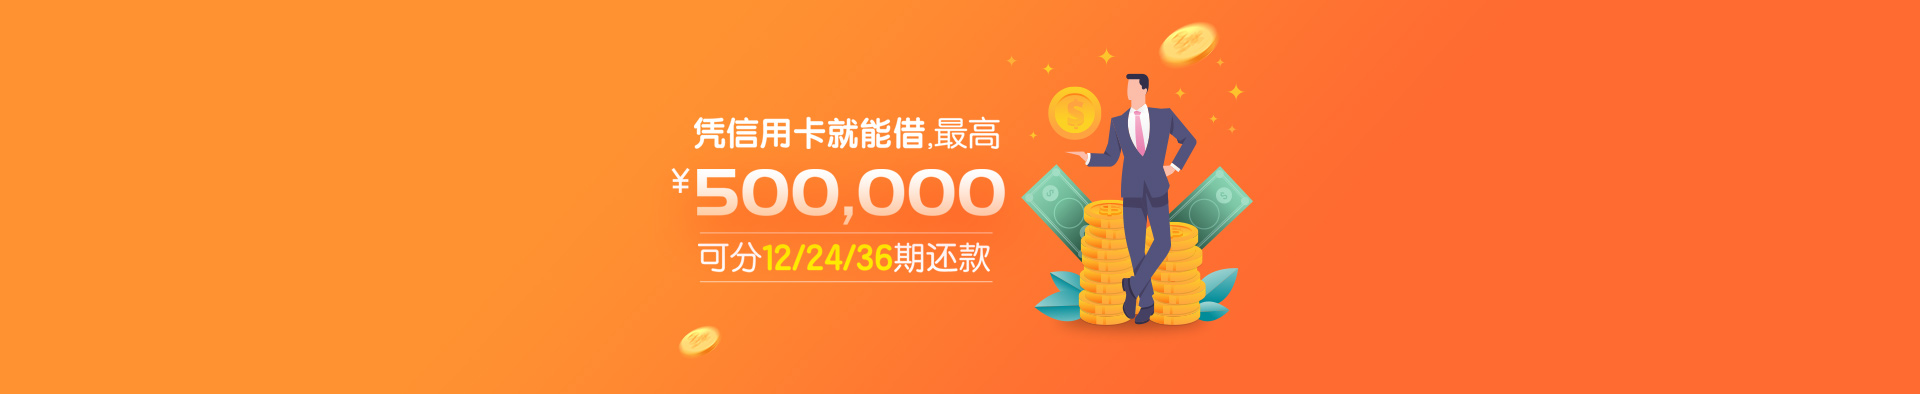 年终特惠,抢最高50万贷款额度